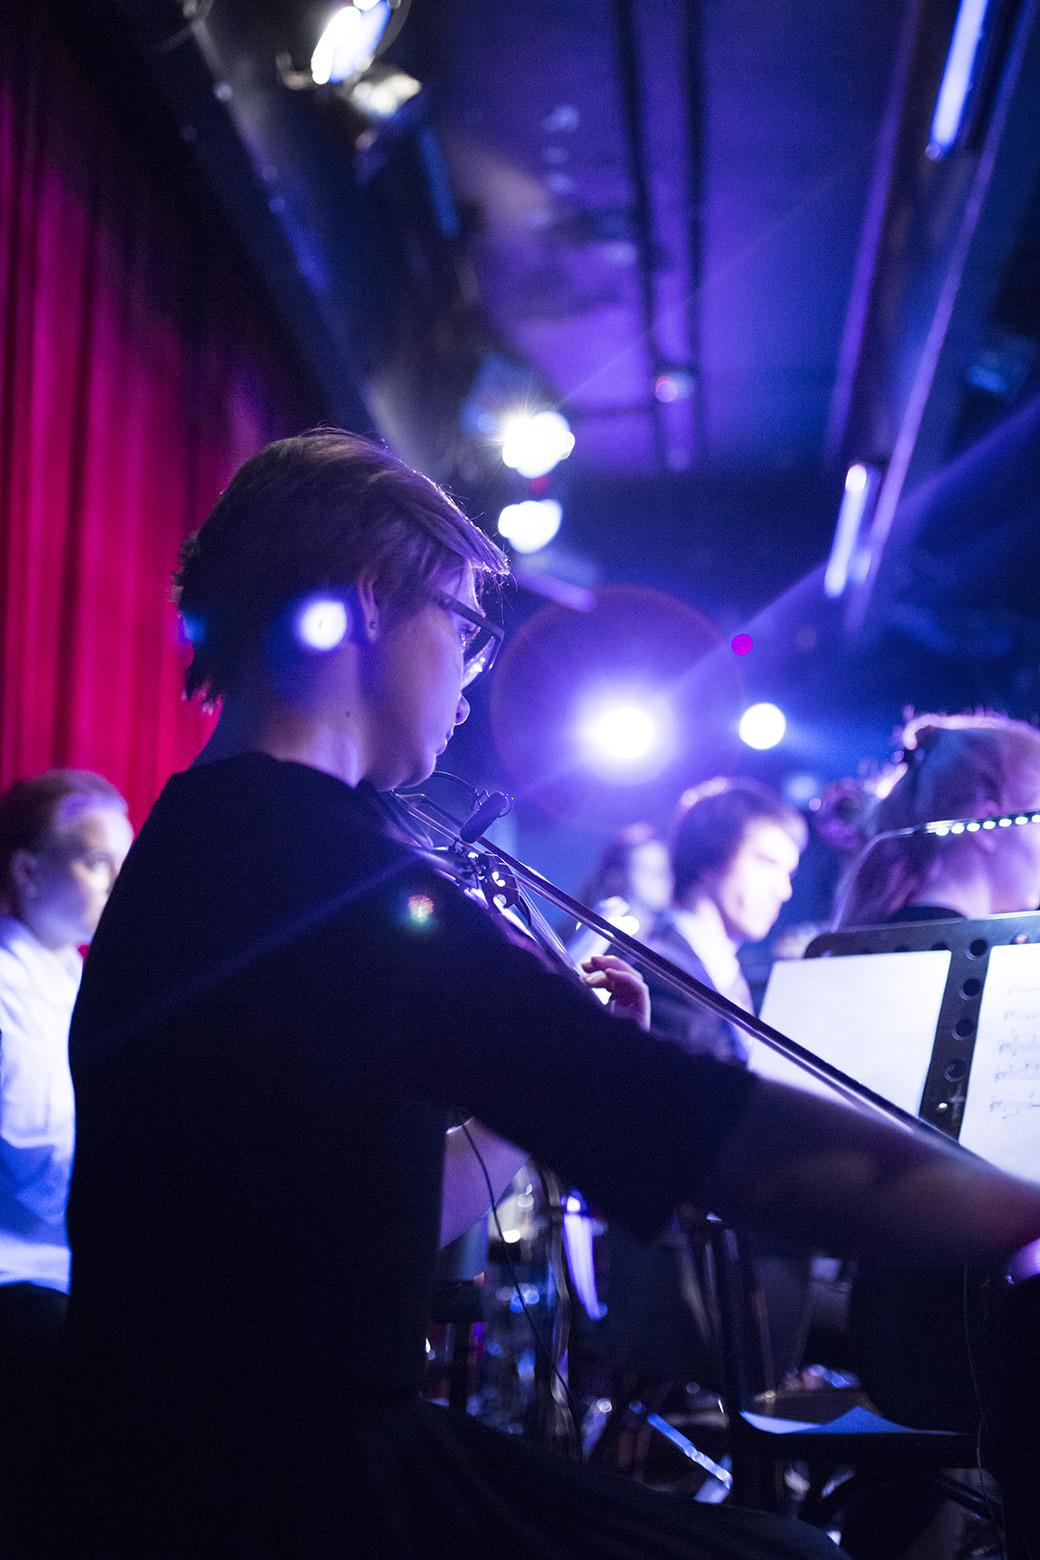 Фото Валерия Ланская, Концерт, посвященный тридцатилетию актрисы